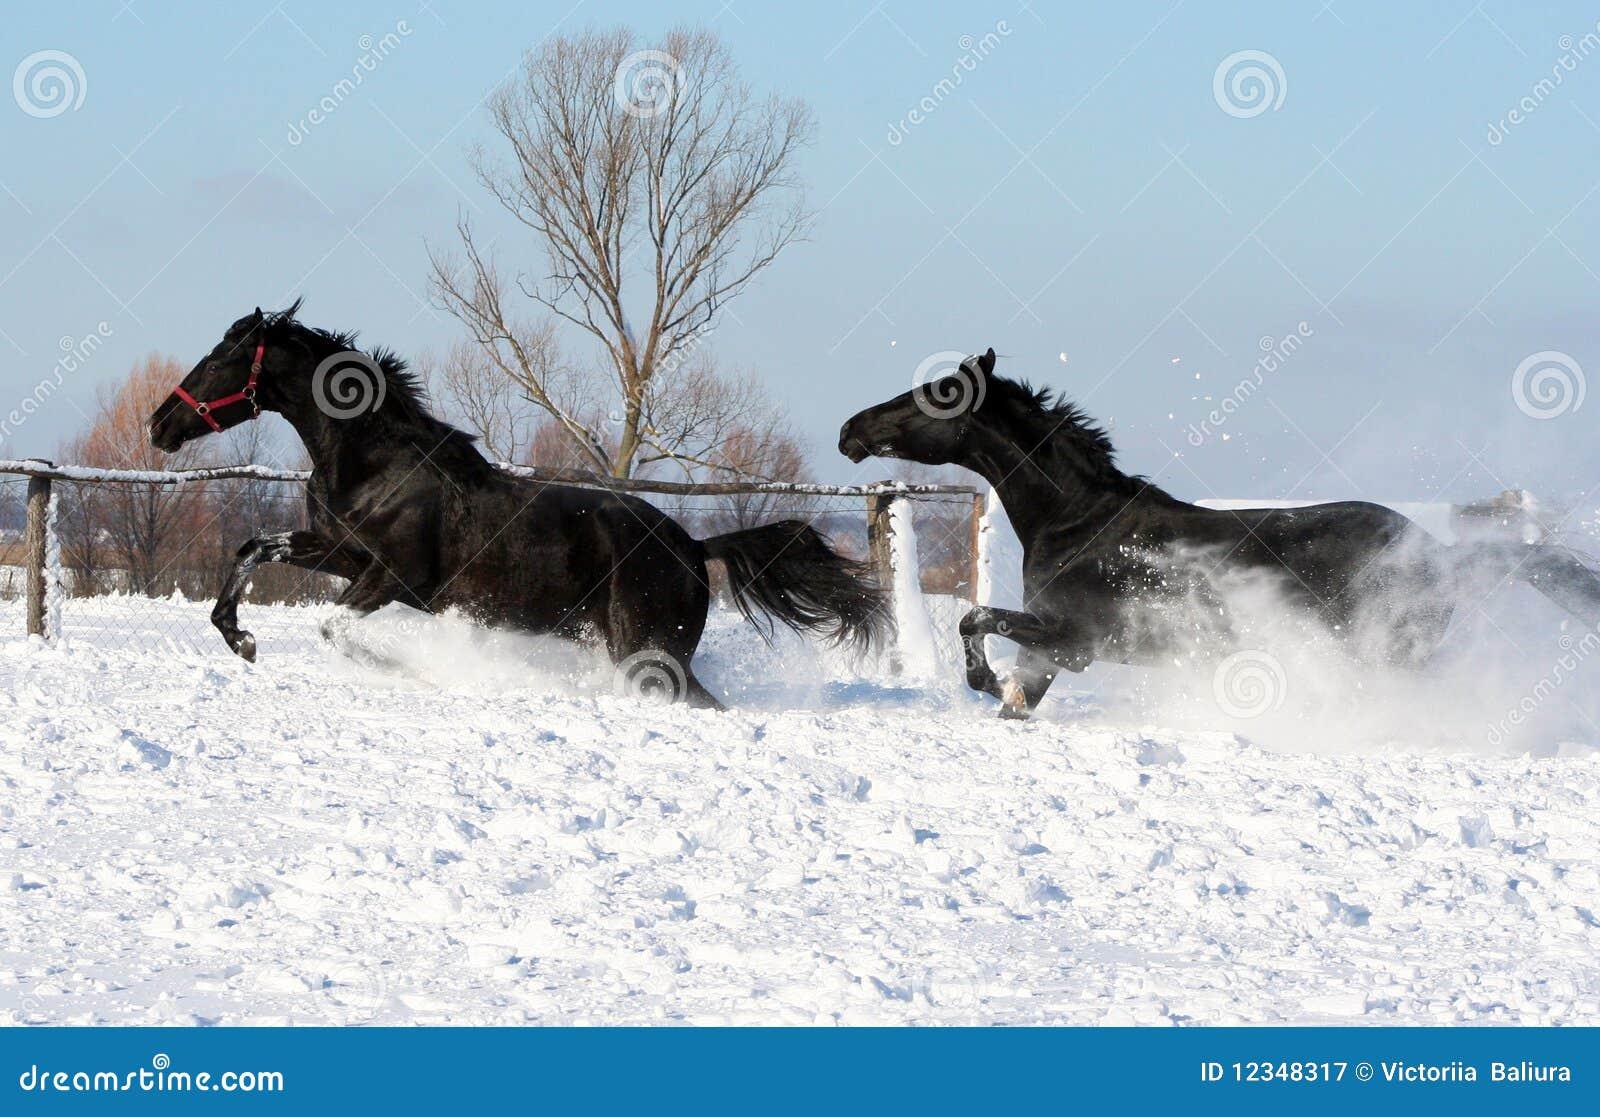 pferde im schnee stockbild bild von zwei schnee vortrefflich 12348317. Black Bedroom Furniture Sets. Home Design Ideas